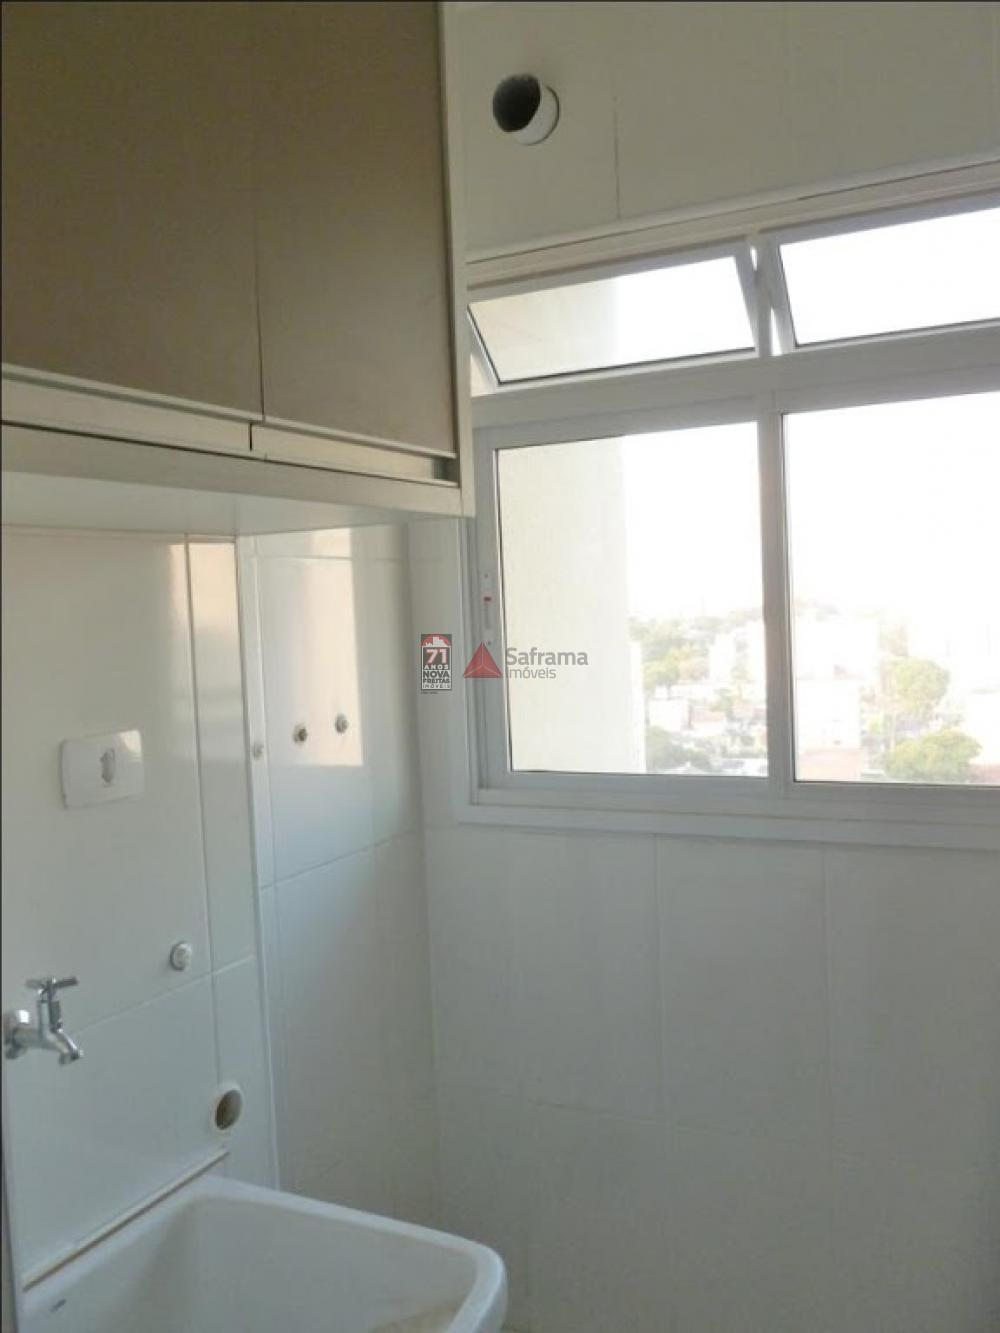 Comprar Apartamento / Padrão em São José dos Campos apenas R$ 484.000,00 - Foto 3